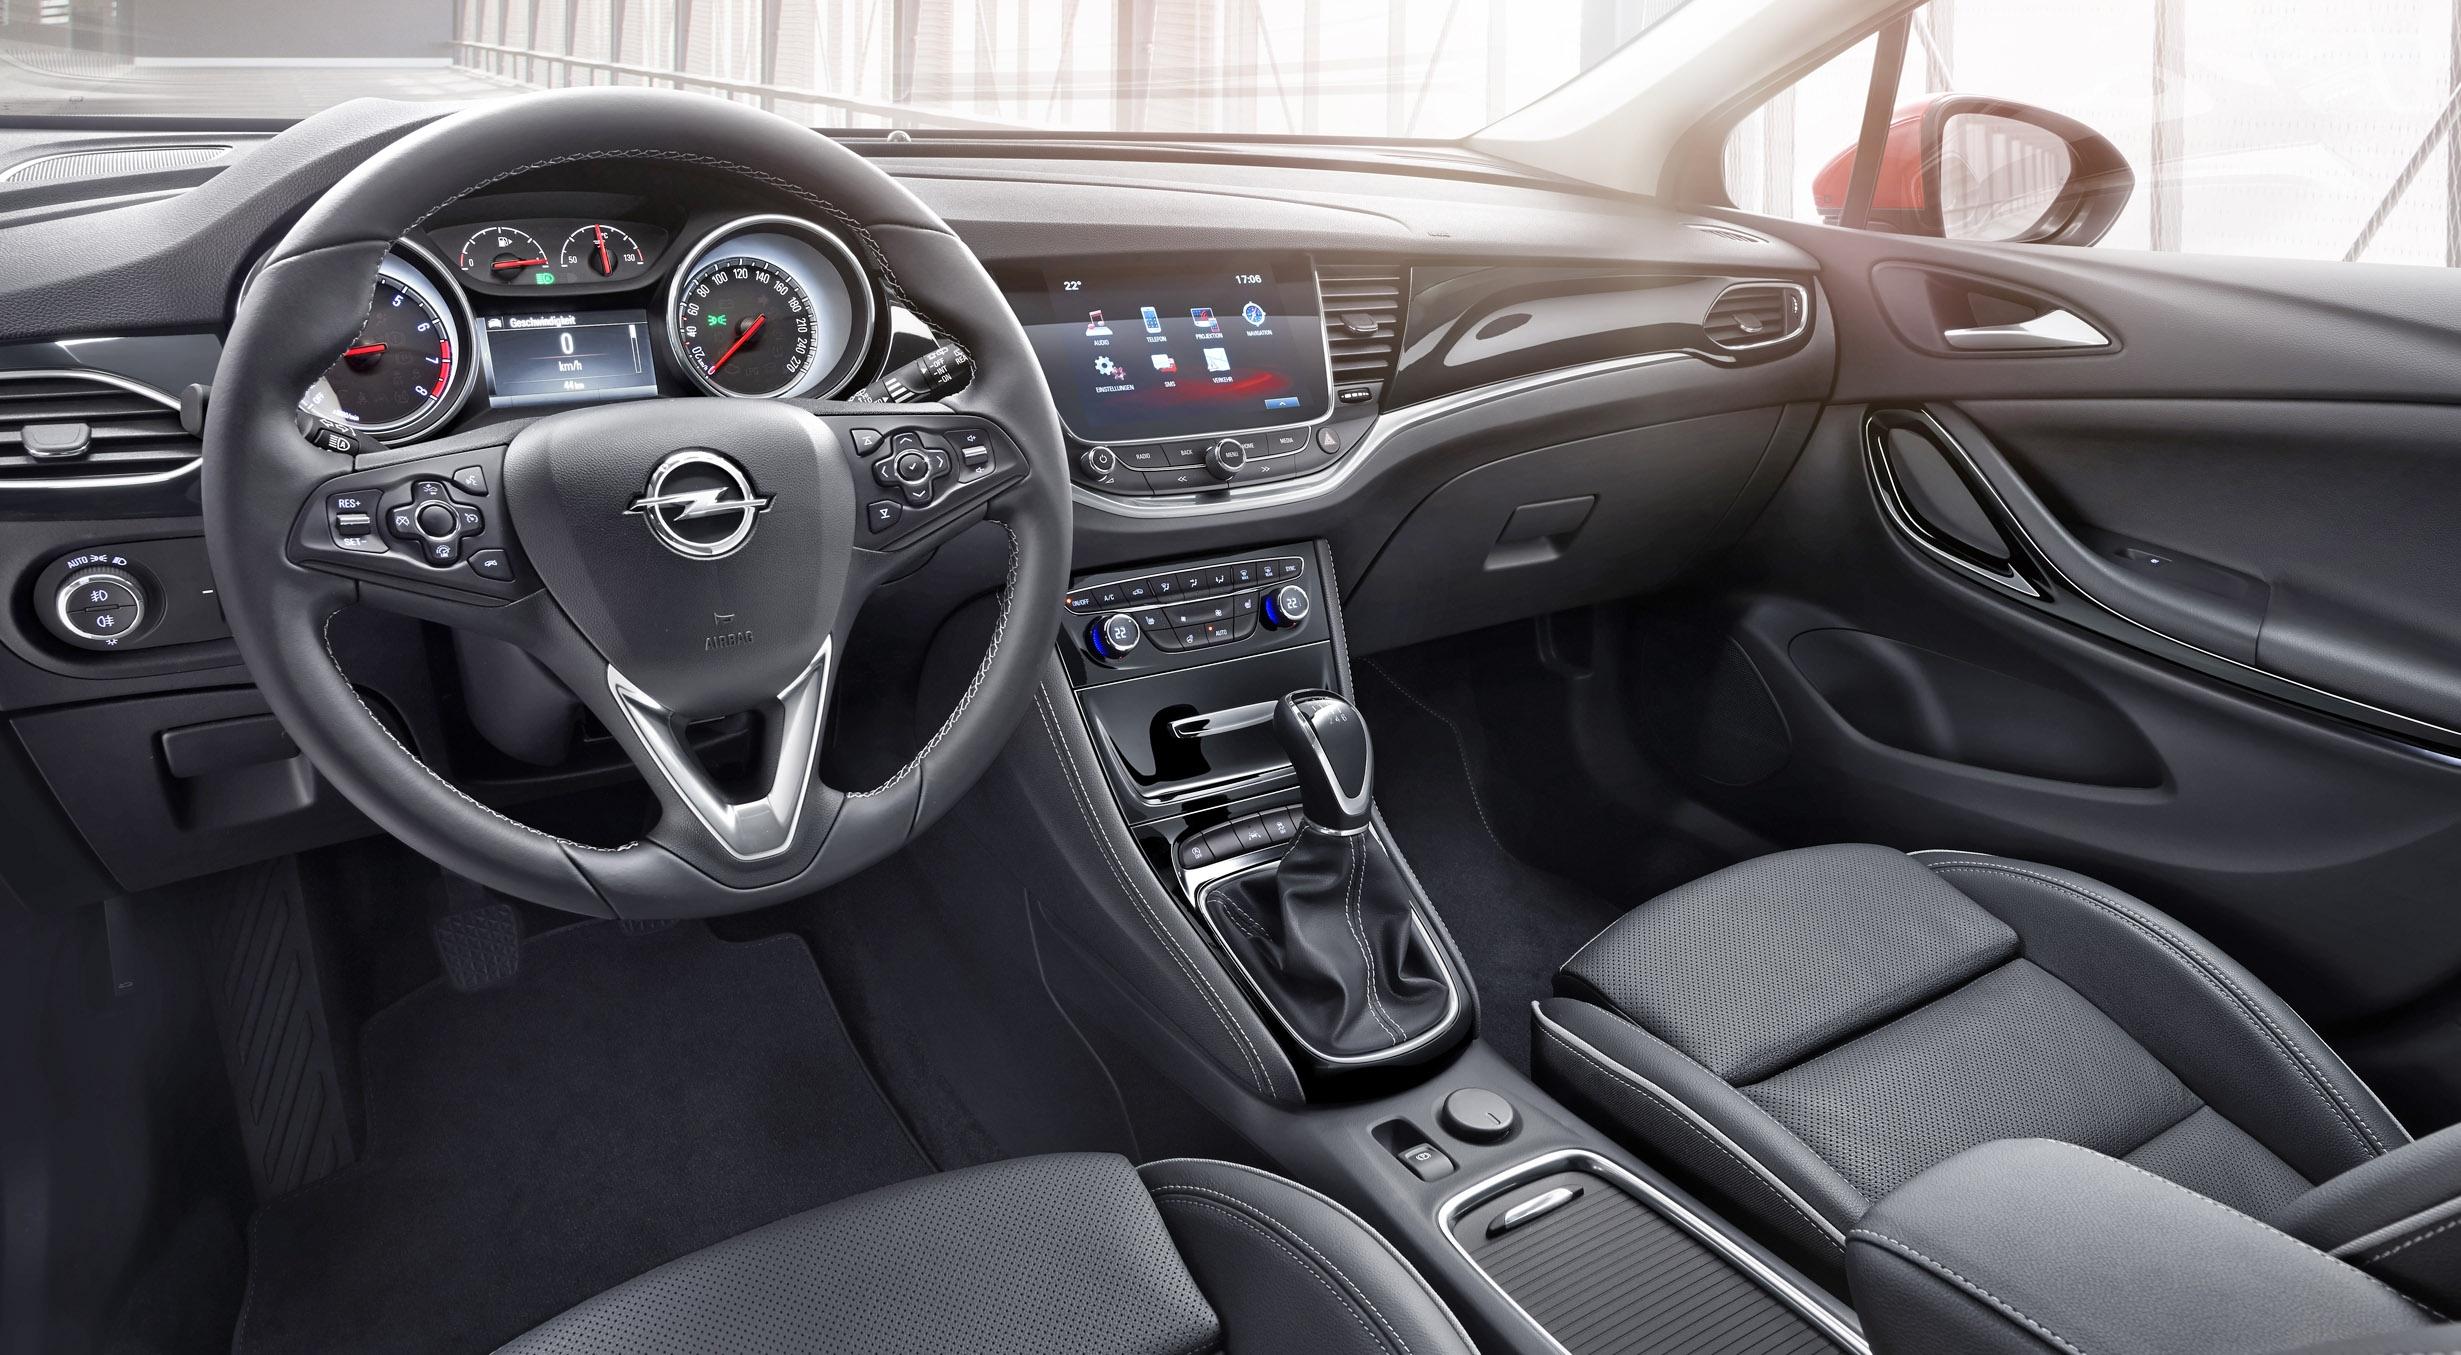 Boutique Accessoires Opel : Pièces et accessoires Opel d'origine